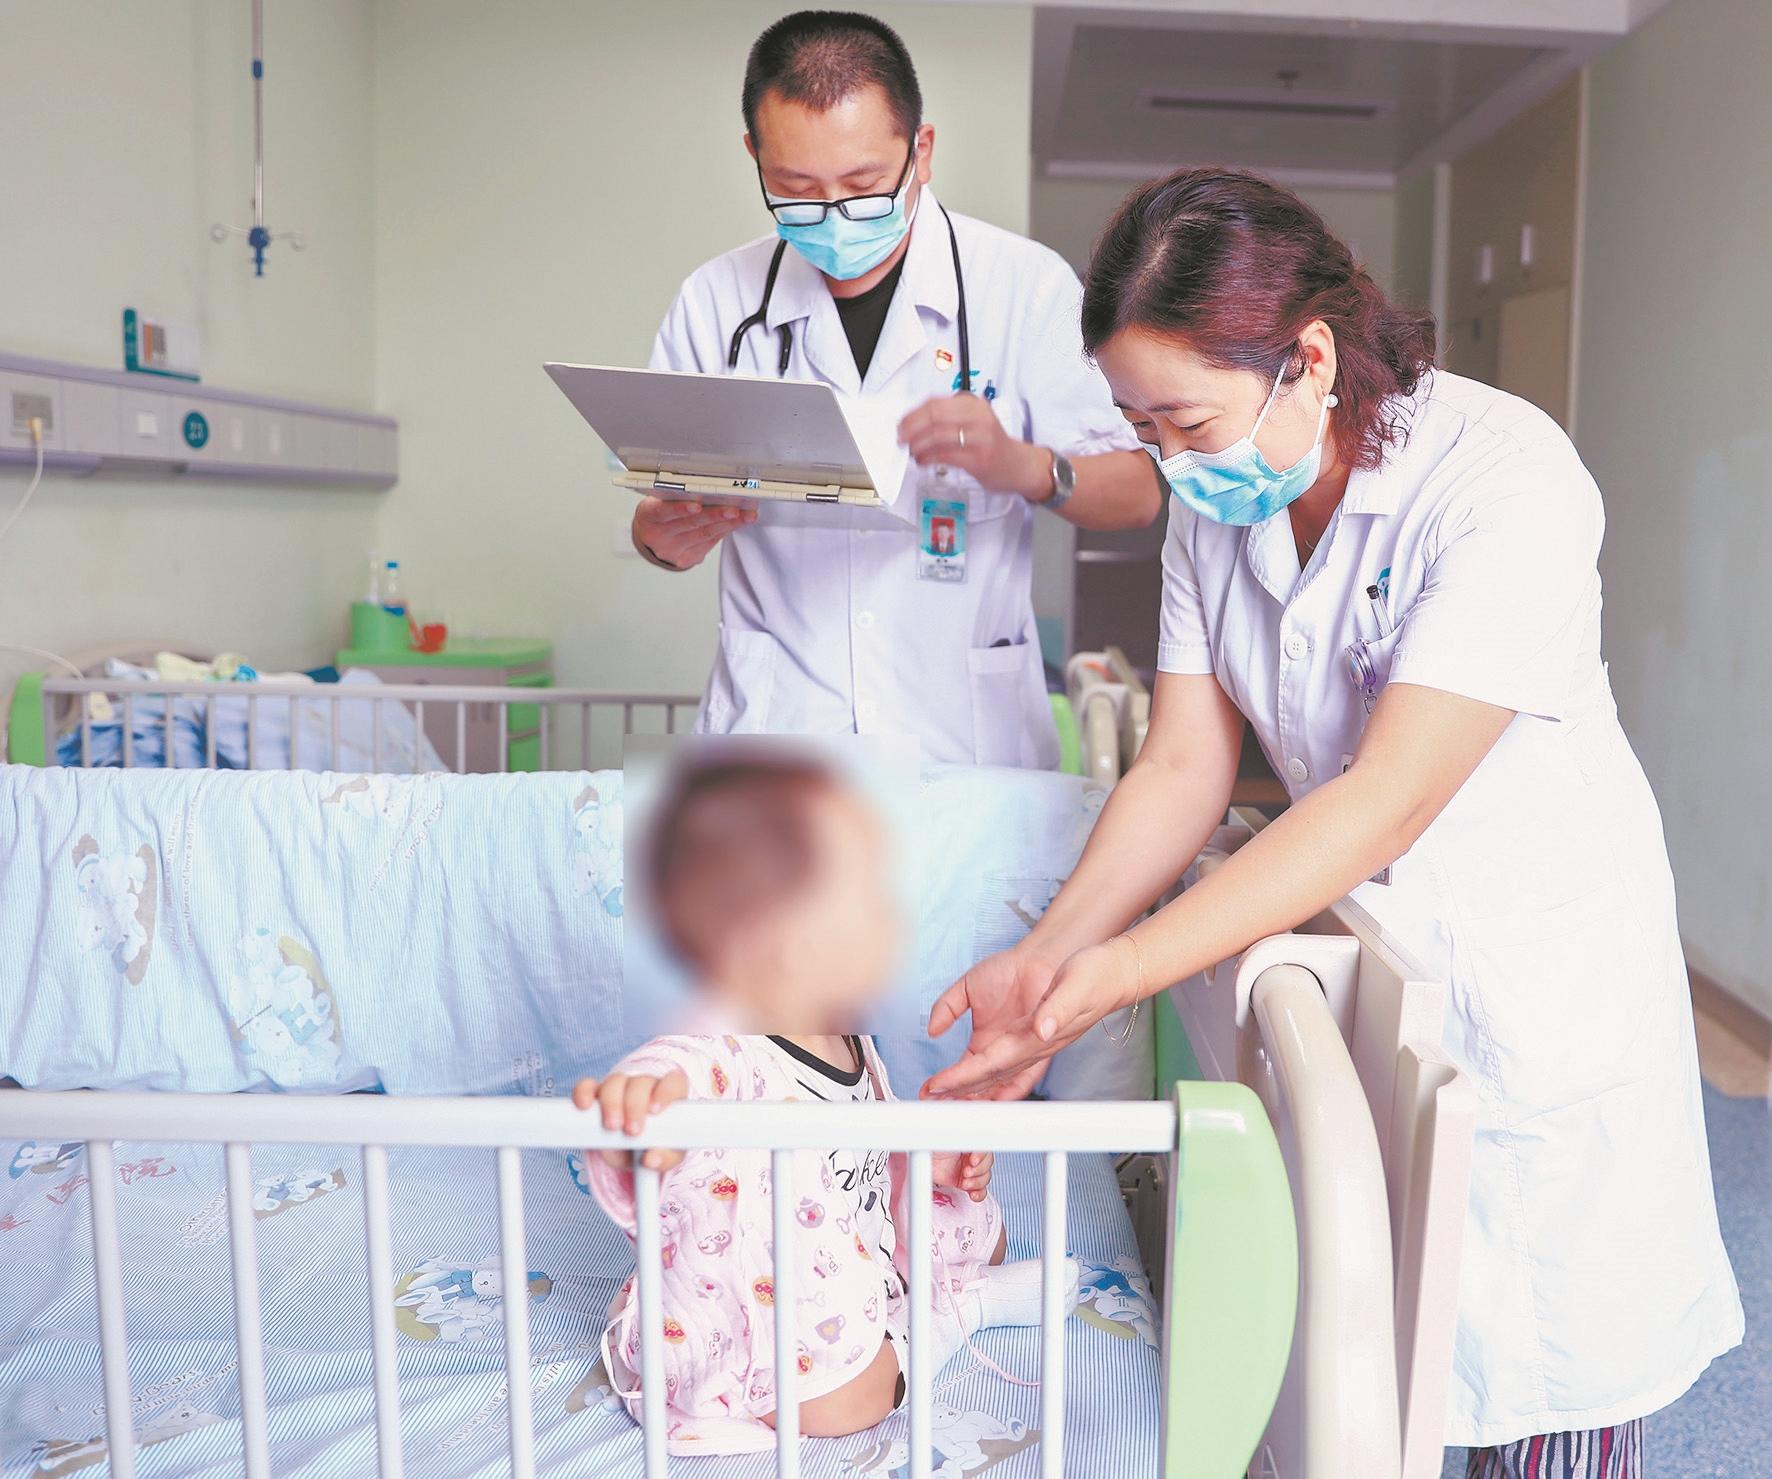 两妈妈同患肾病两宝宝健康迥异 专家提醒:母亲患遗传性肾炎,50%可能传给子女